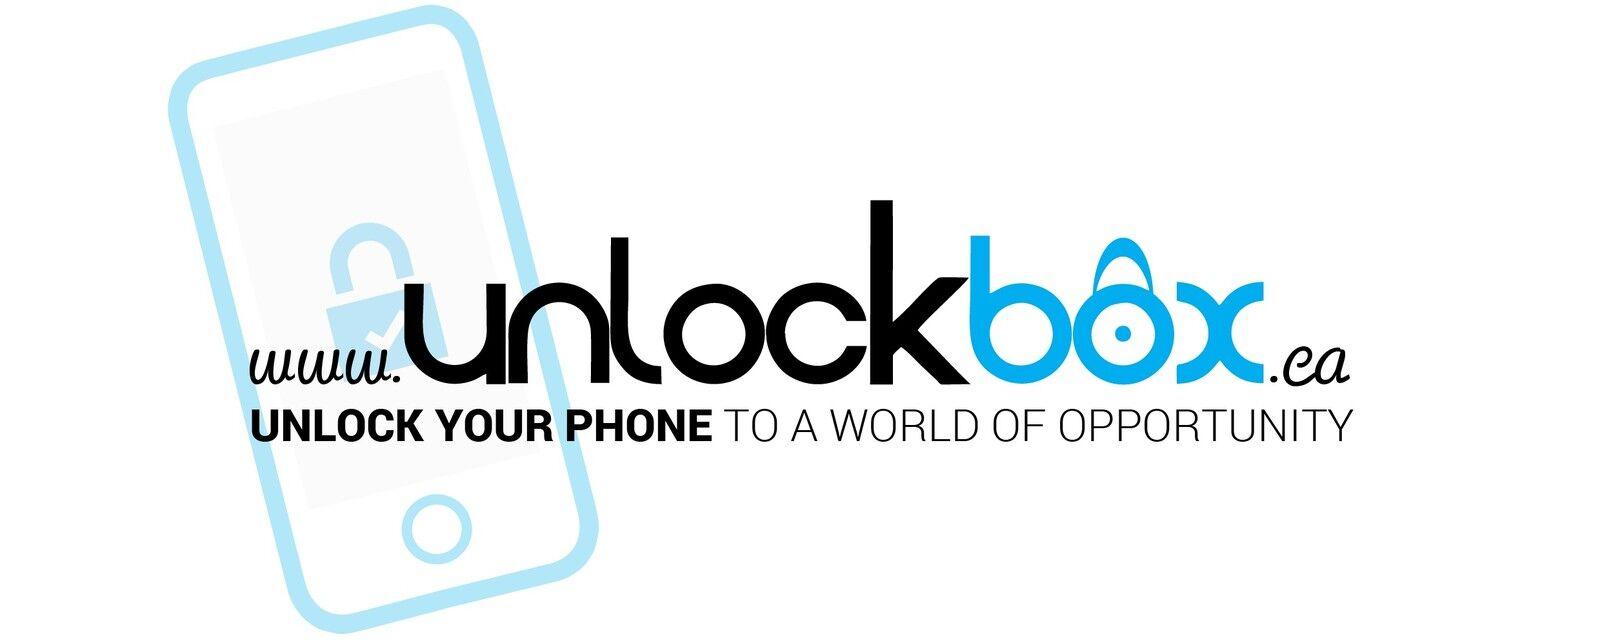 unlockbox